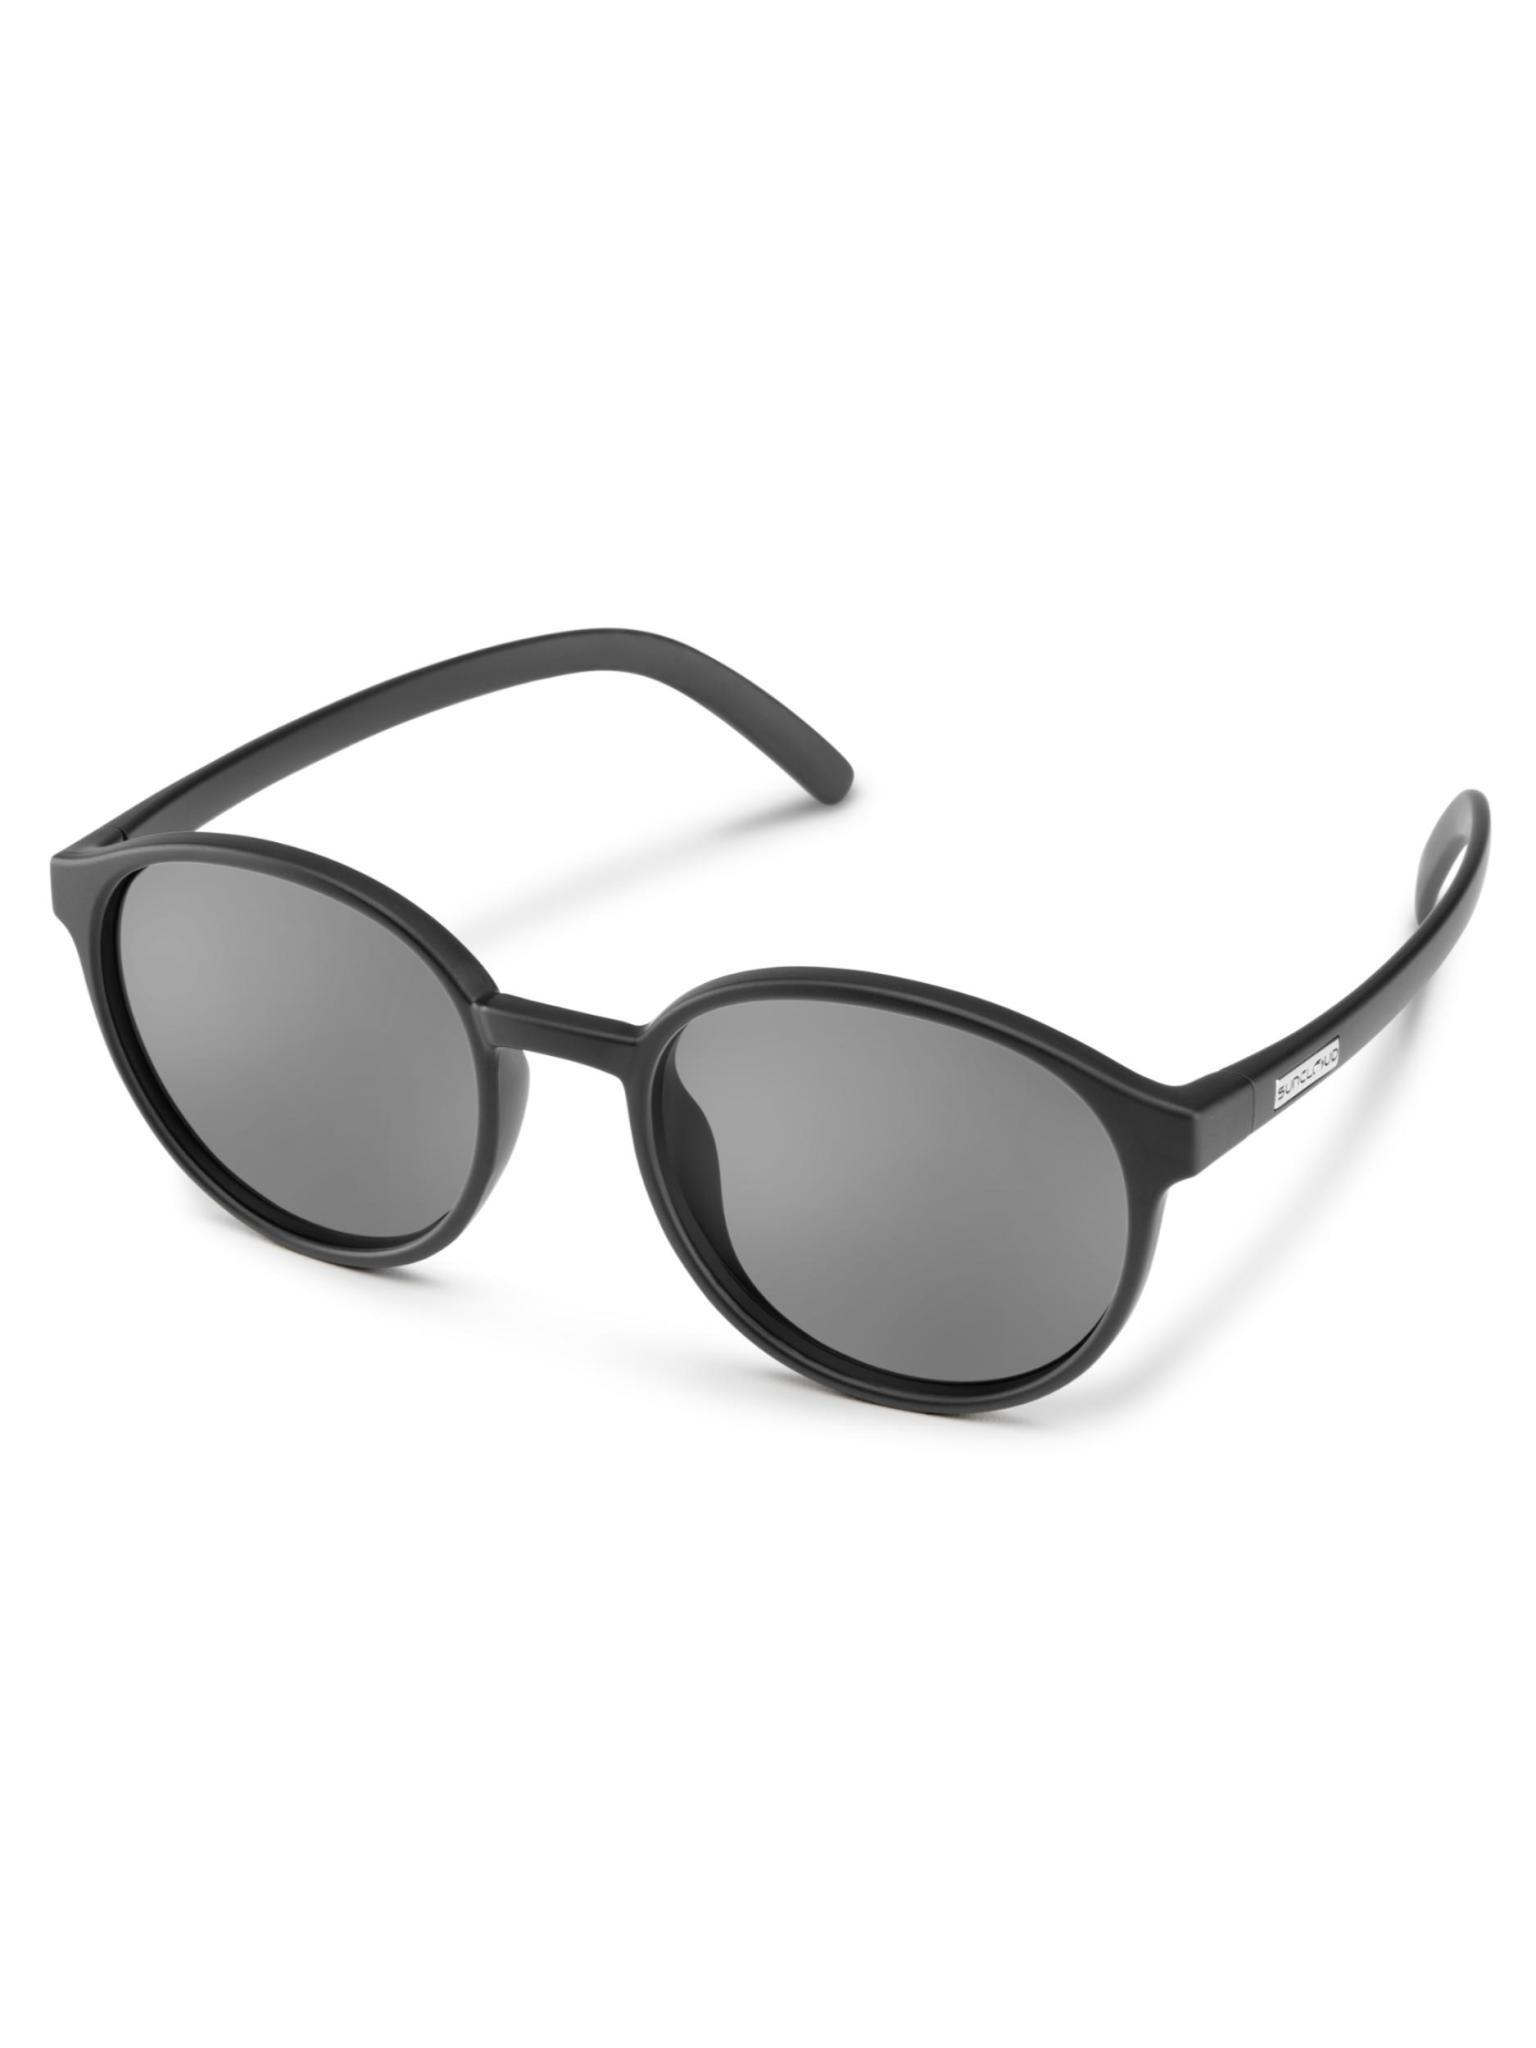 Low Key Matte Black Polarized Gray